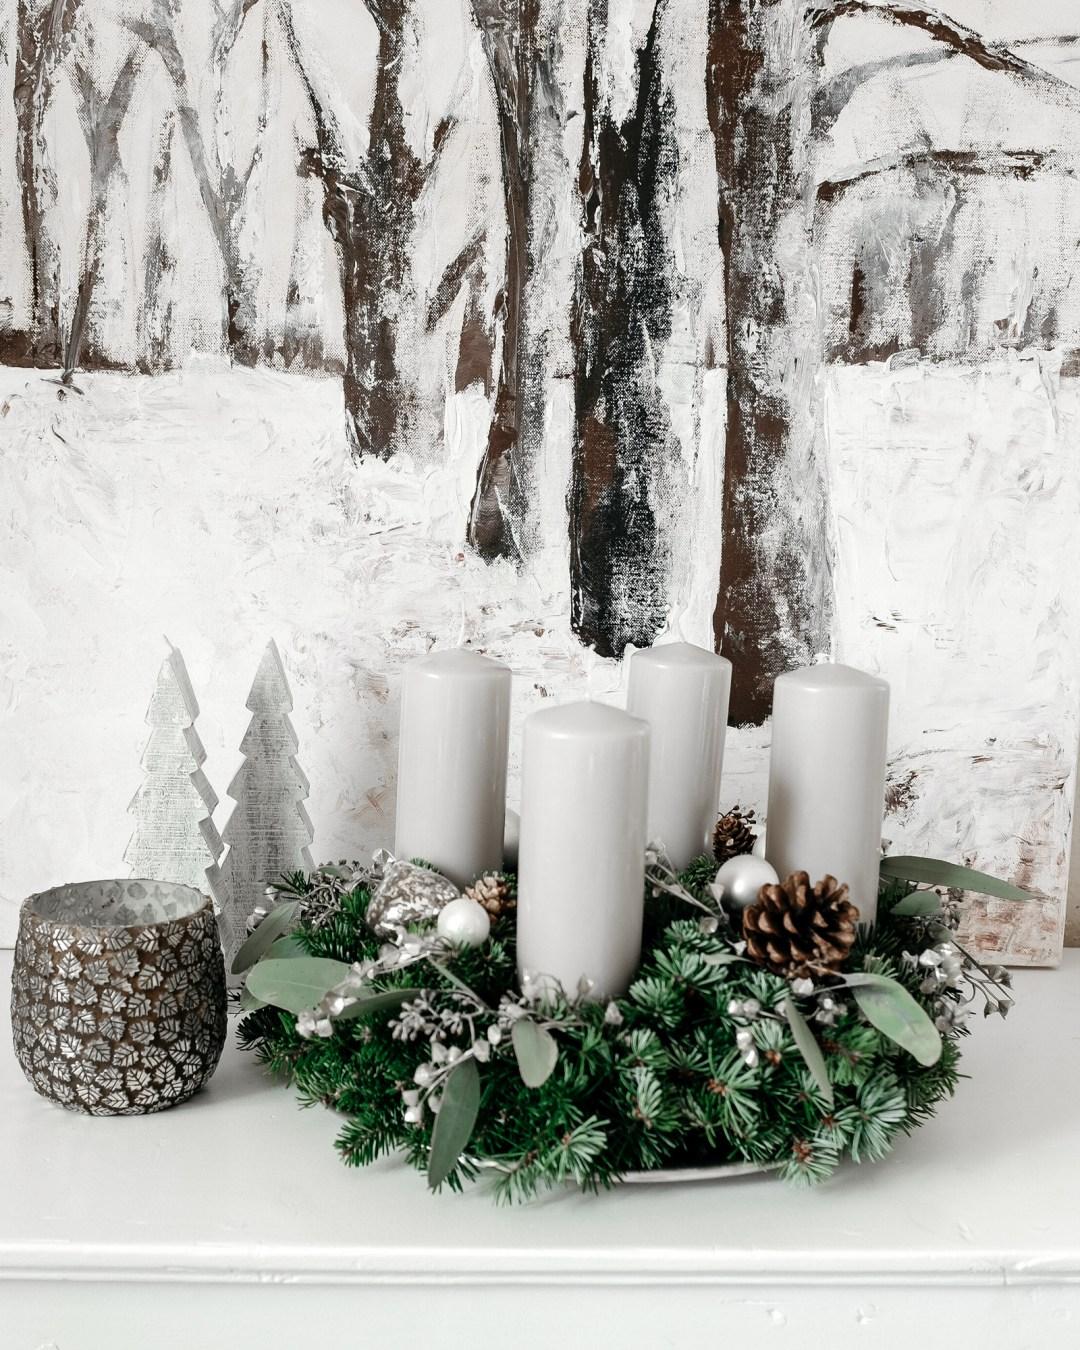 ina stil inastil advent keksebacken garten schnee adventkranz weihnachtsdekoration inspiration kerzen eukalyptus winterzauber winterwonderland christmastime weihnachtszeitDSCF0705